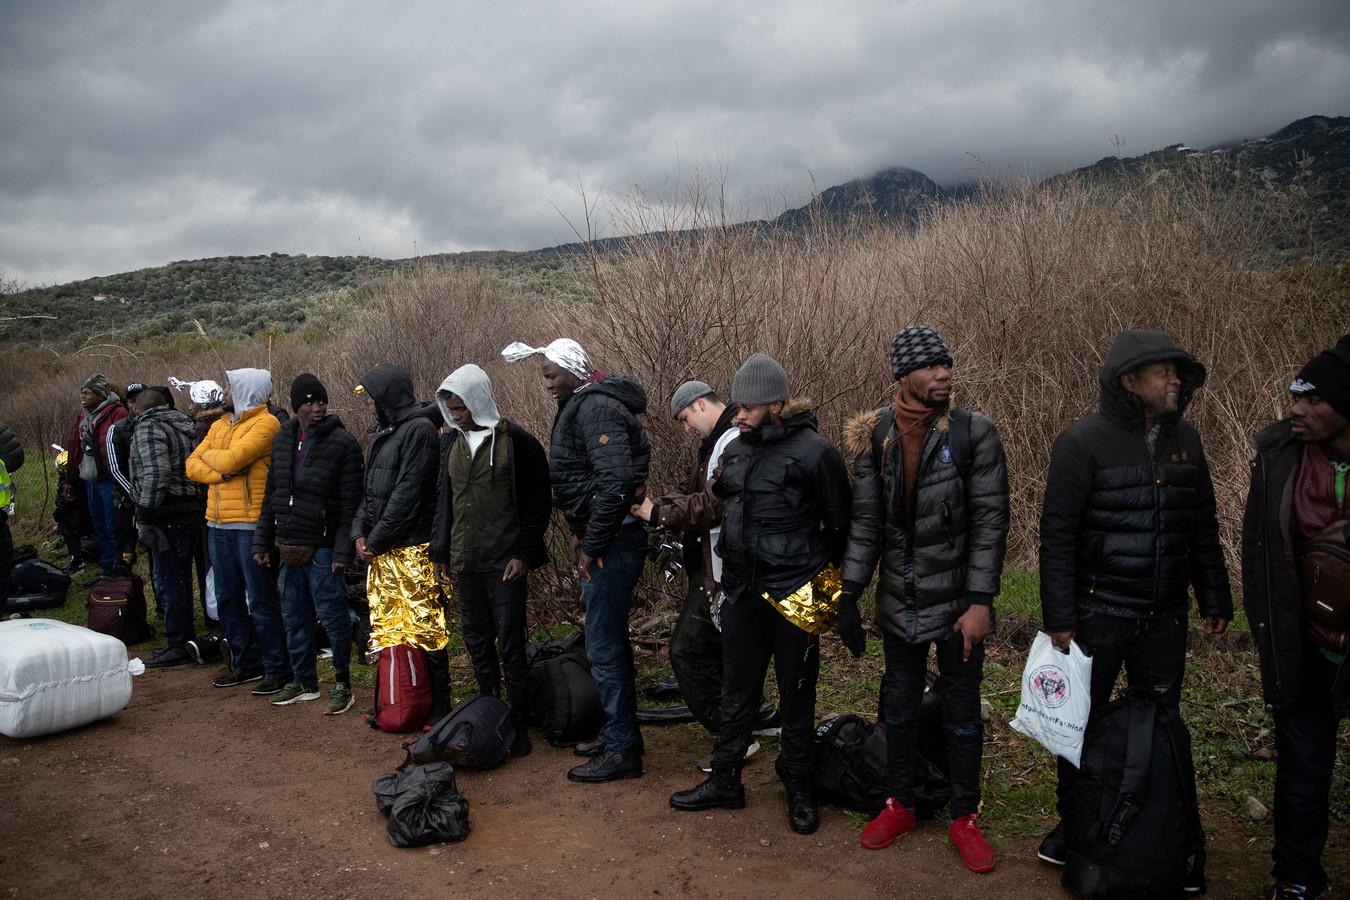 Migranten bij het dorp Skala Sikamias op het Griekse eiland Lesbos na hun oversteek van de Egeïsche Zee vanuit Turkije, vanmorgen.